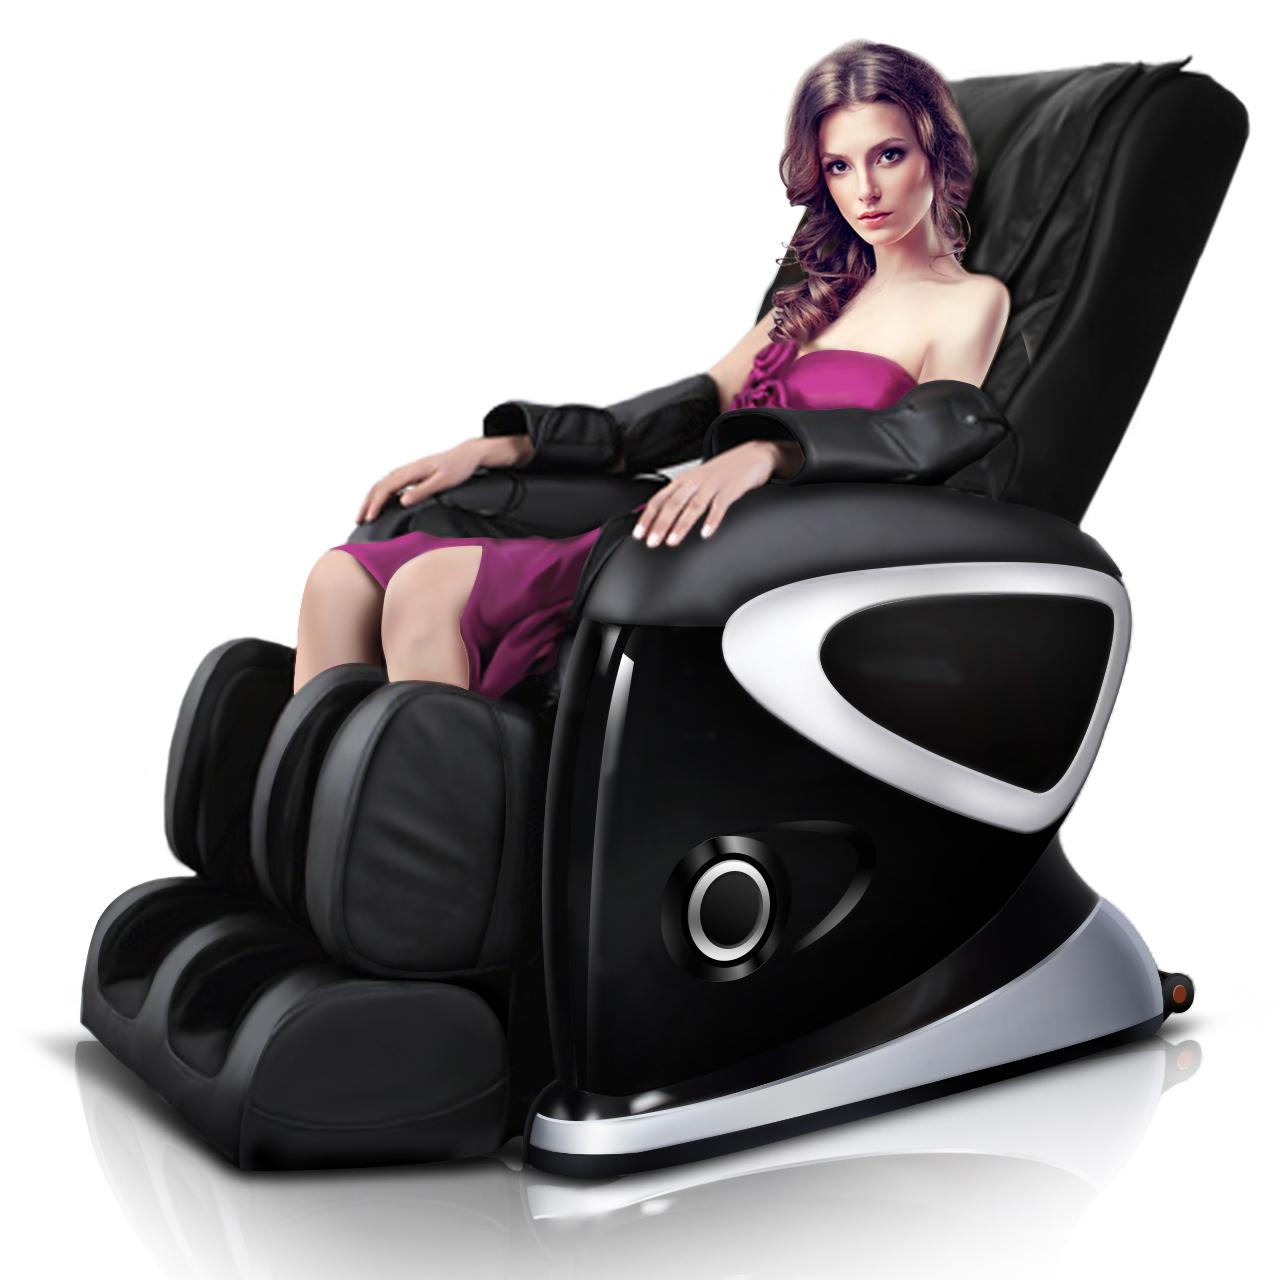 SminG-尚铭电器尚铭豪华太空舱全身按摩椅亚洲AG集团电动按摩器SM-308